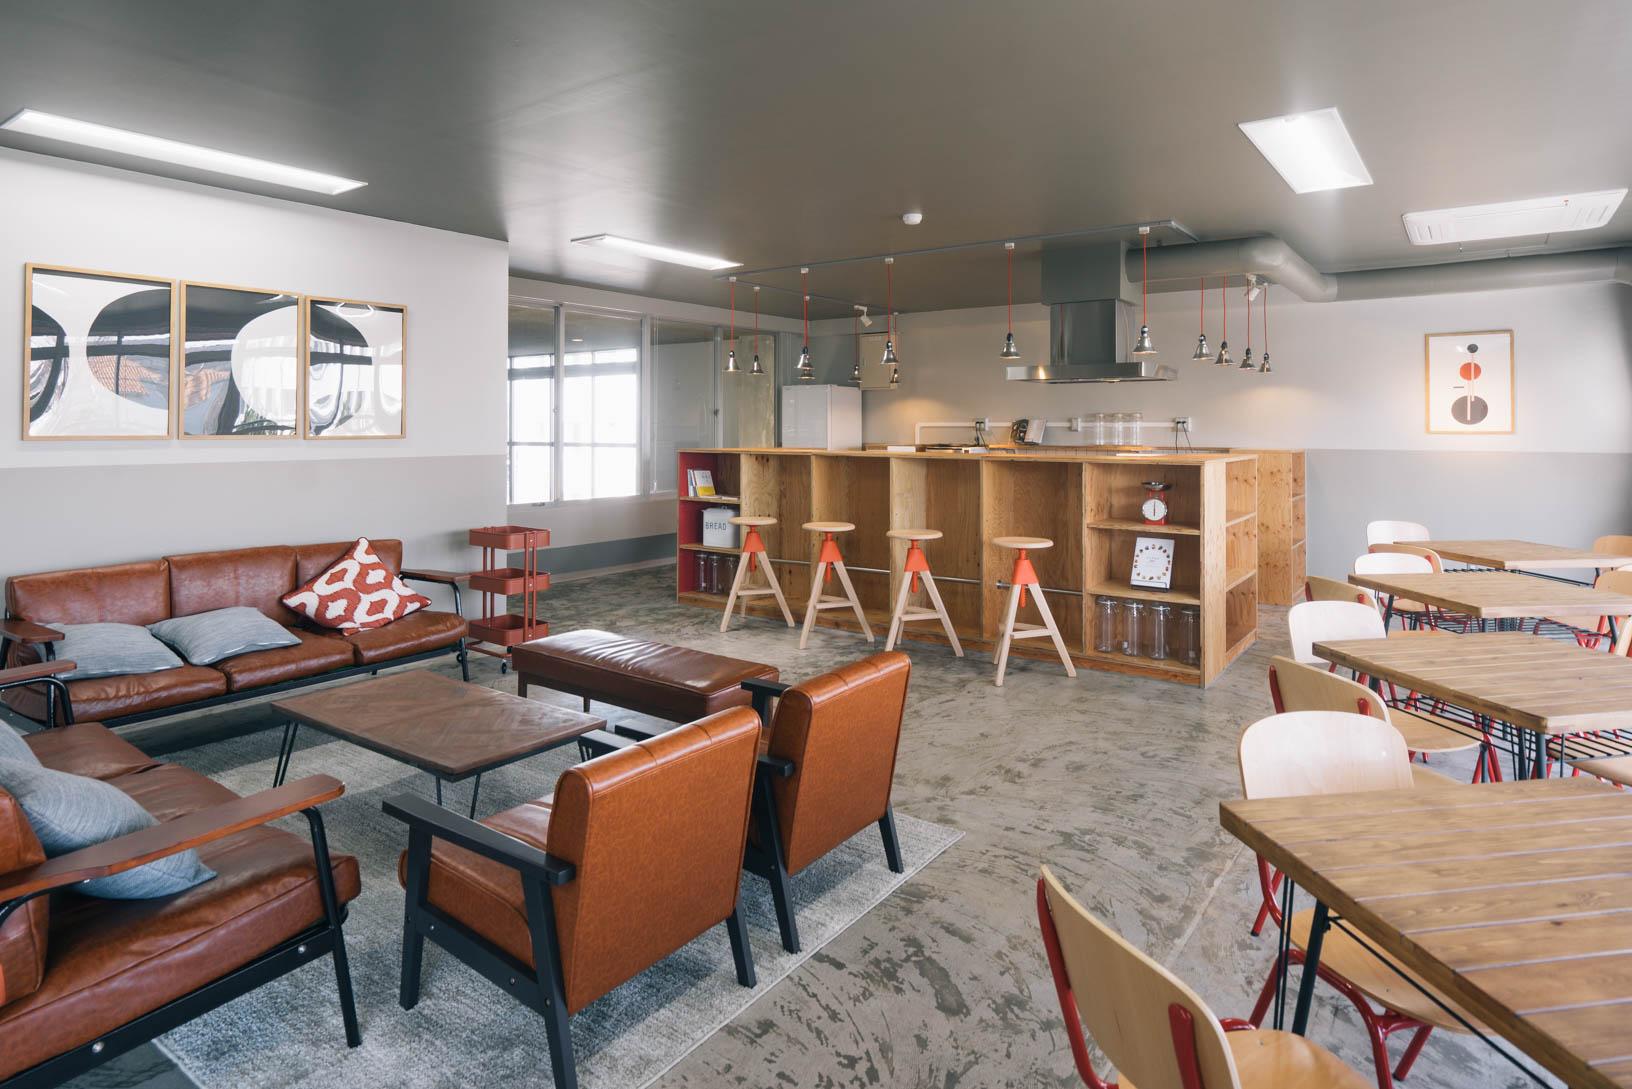 「こうあるべき」じゃなくていい。フットワーク軽く、変化を楽しむシェアハウスの暮らし方 [PR] by シェアプレイス調布多摩川